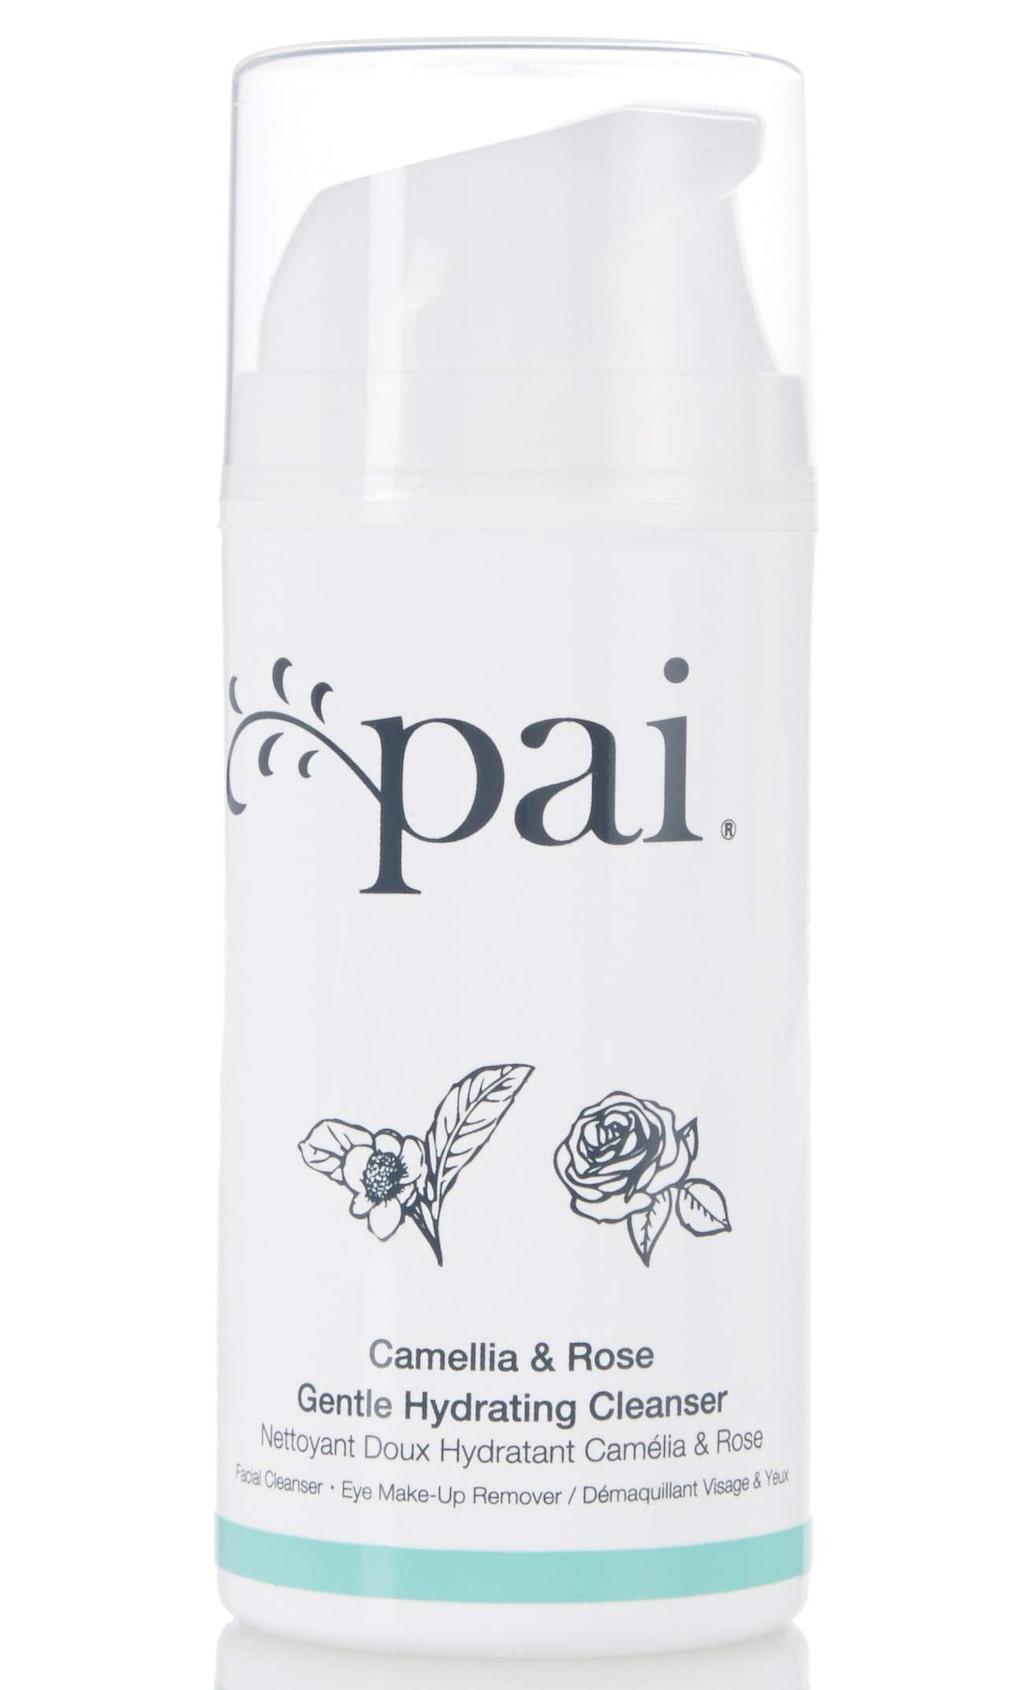 <p>Rengöringskräm från Pai, 365 kronor. Tar bort orenheter utan att ta bort hudens naturliga fukt, rengöring fri från alkohol och bivax.<br></p>